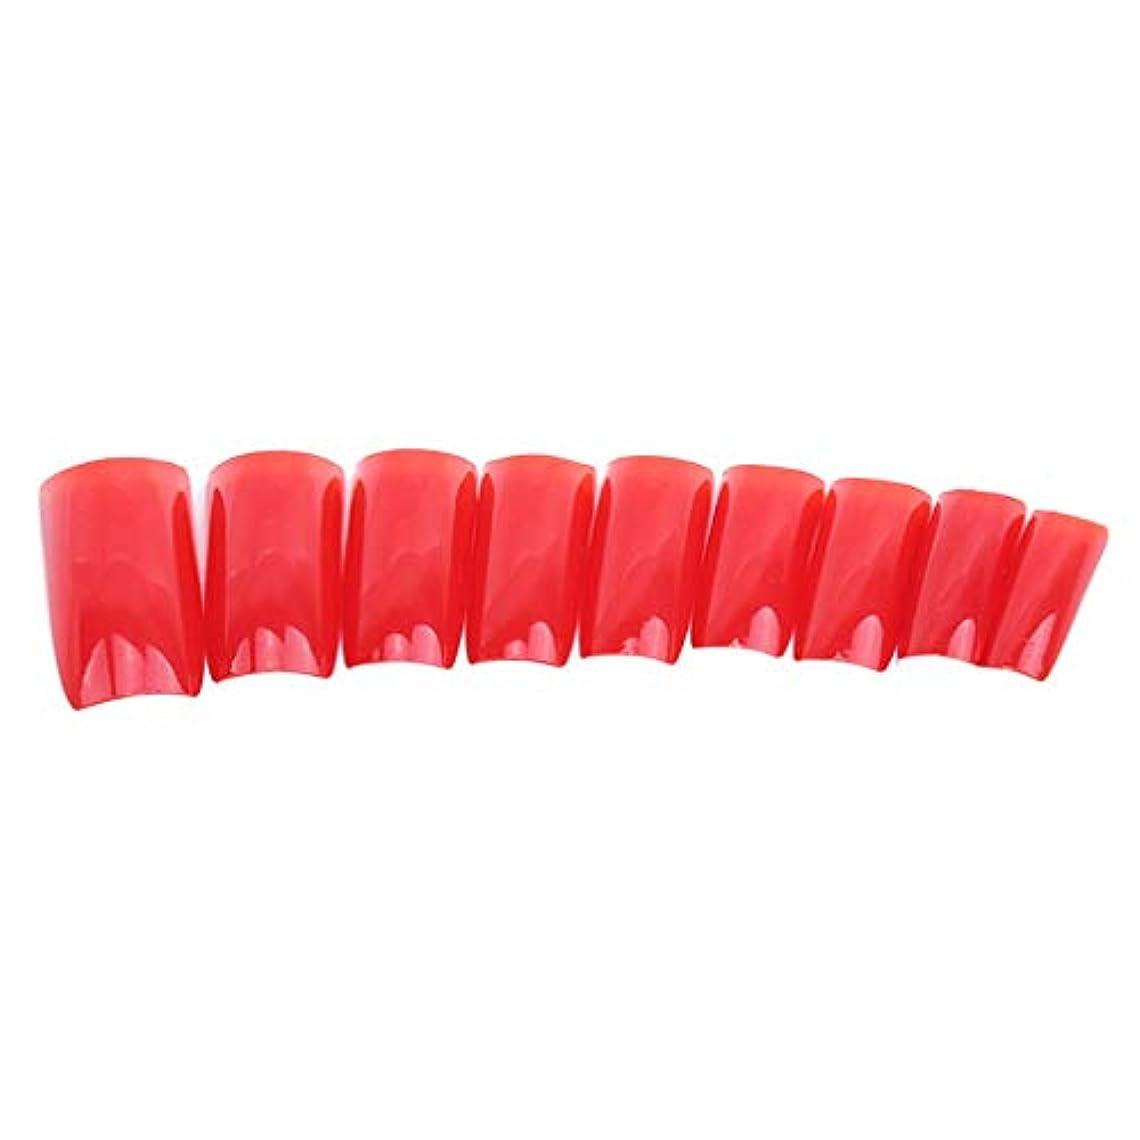 代表容量のり火の色 ネイルチップ ネイルケアツール 短い爪 つけ爪 シンプル ネイルアート 結婚式 パーティー 二次会 赤色